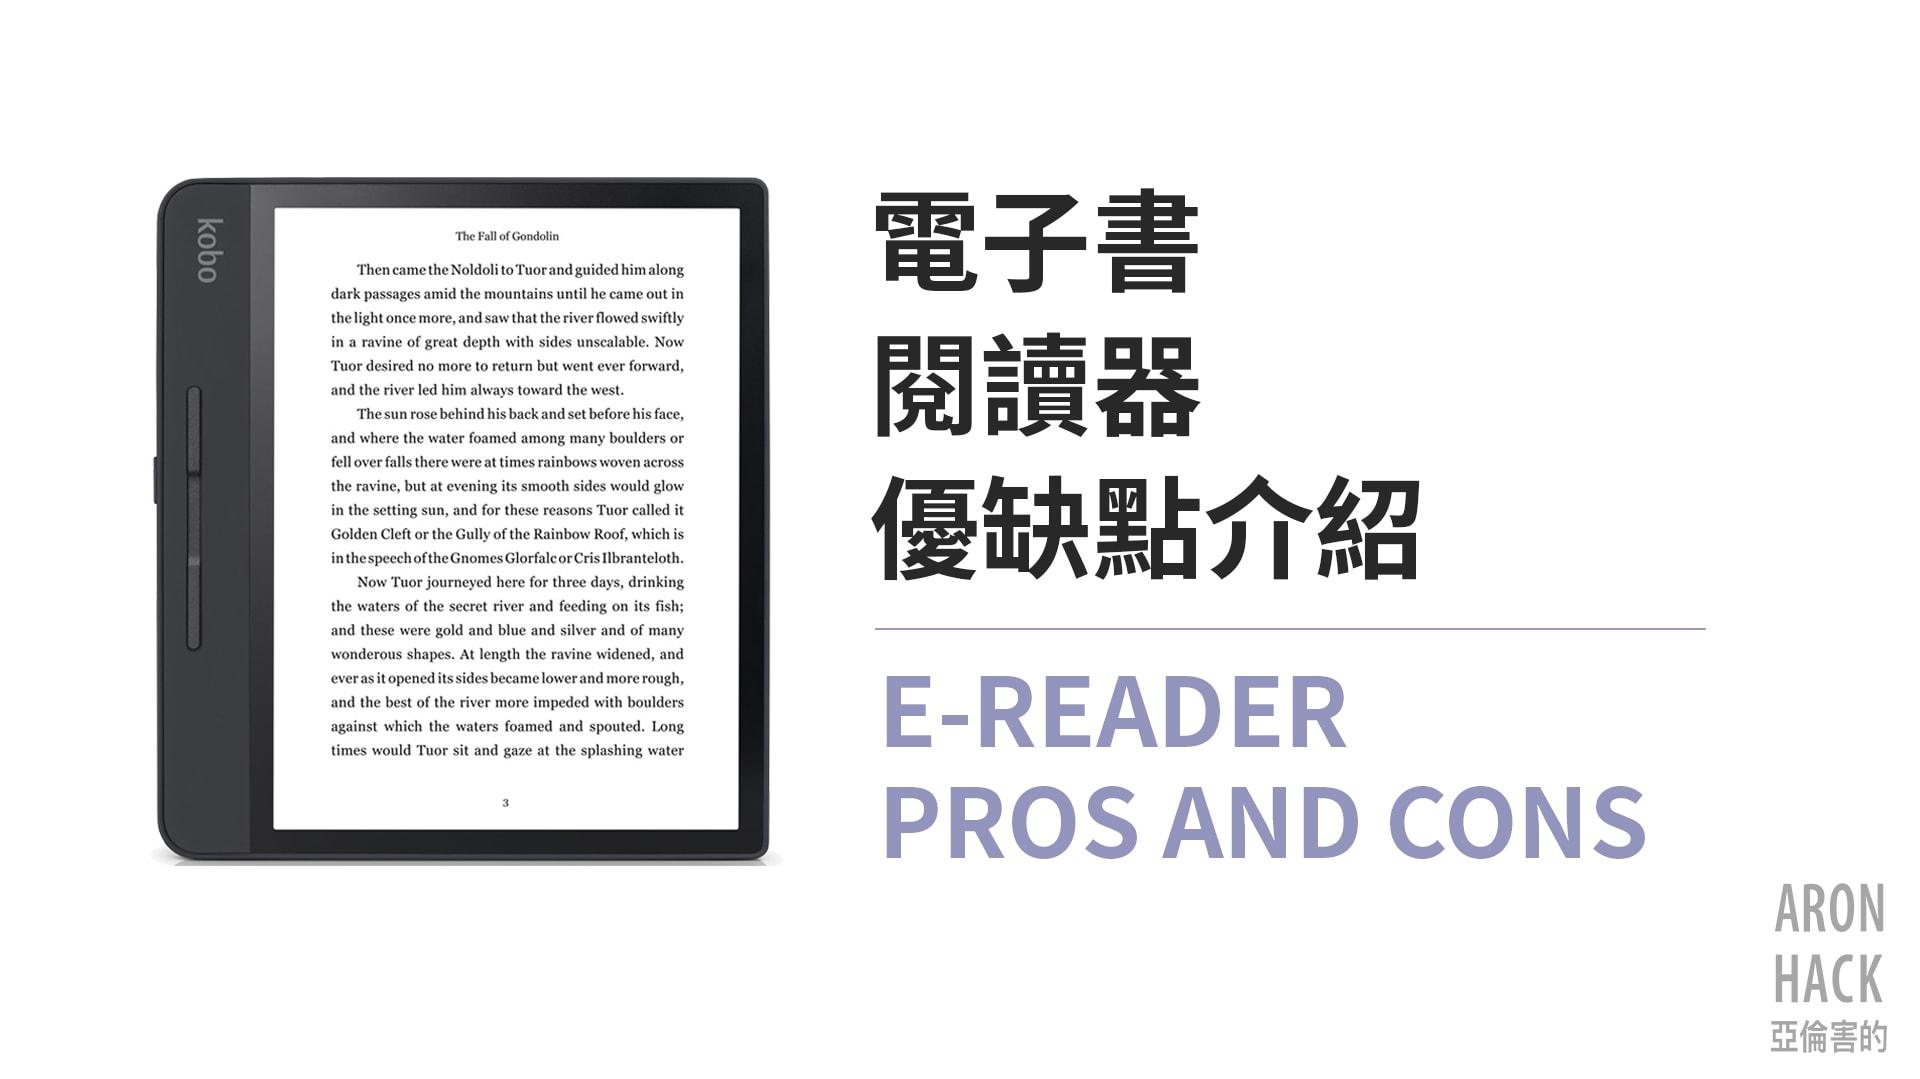 購買電子書閱讀器前-必讀優缺點及心得分享